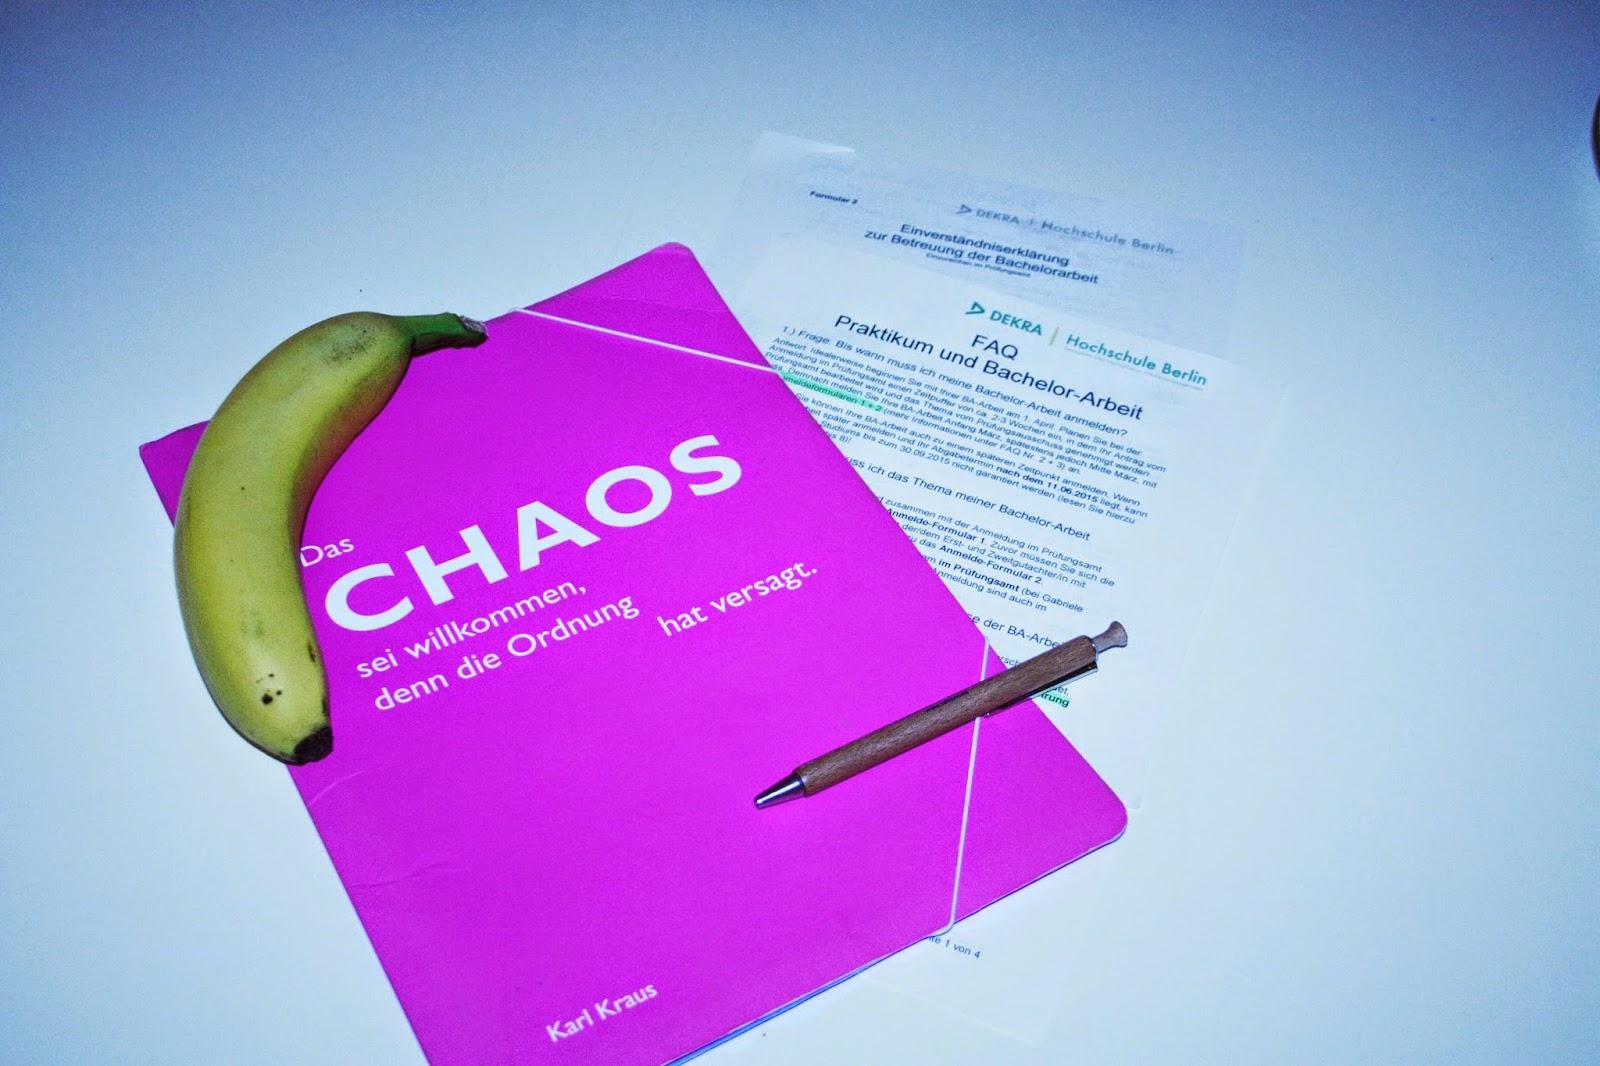 Bachelorarbeit FAQ Hilfe anfangen Karl Kraus Zitate über Chaos Nahrung fürs Lernen Banene Highcarb